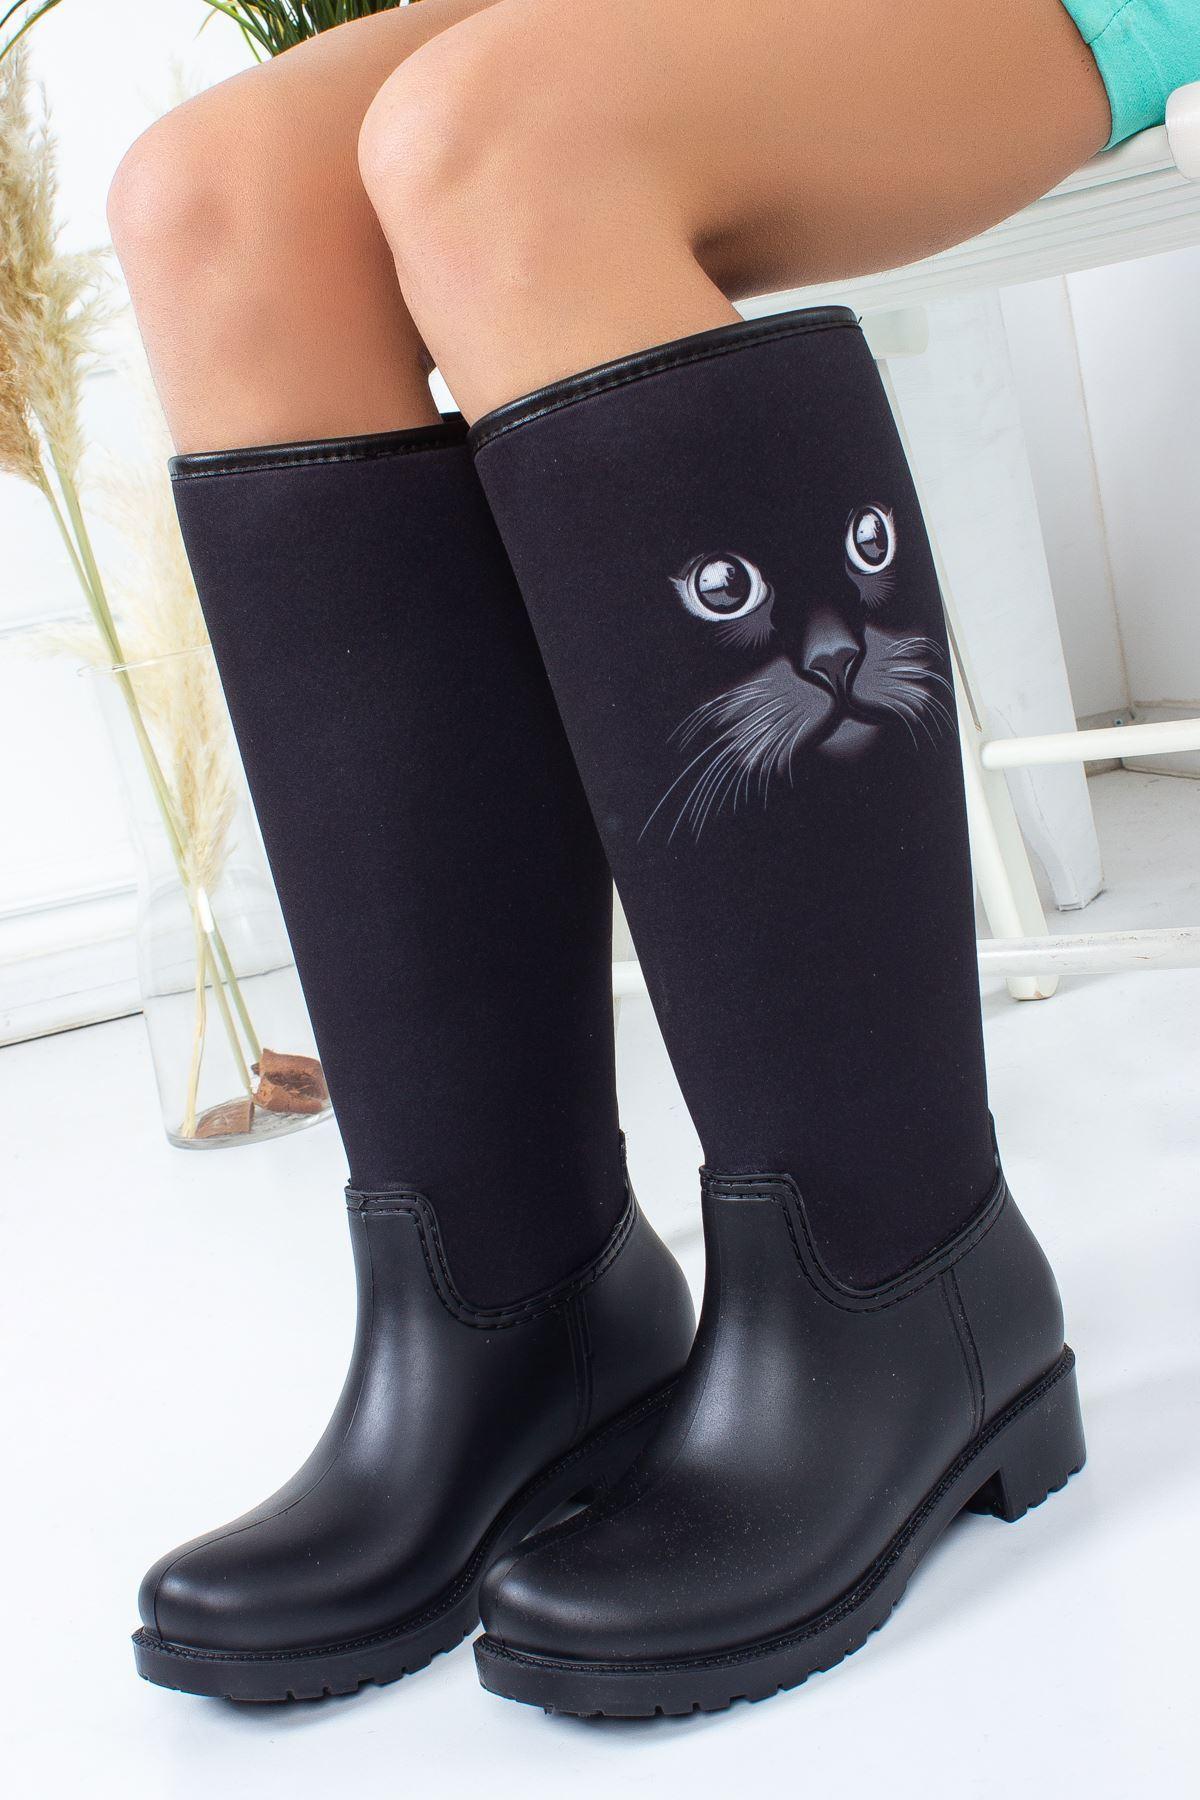 Cat Kedi Figürlü Yağmur Çizmesi